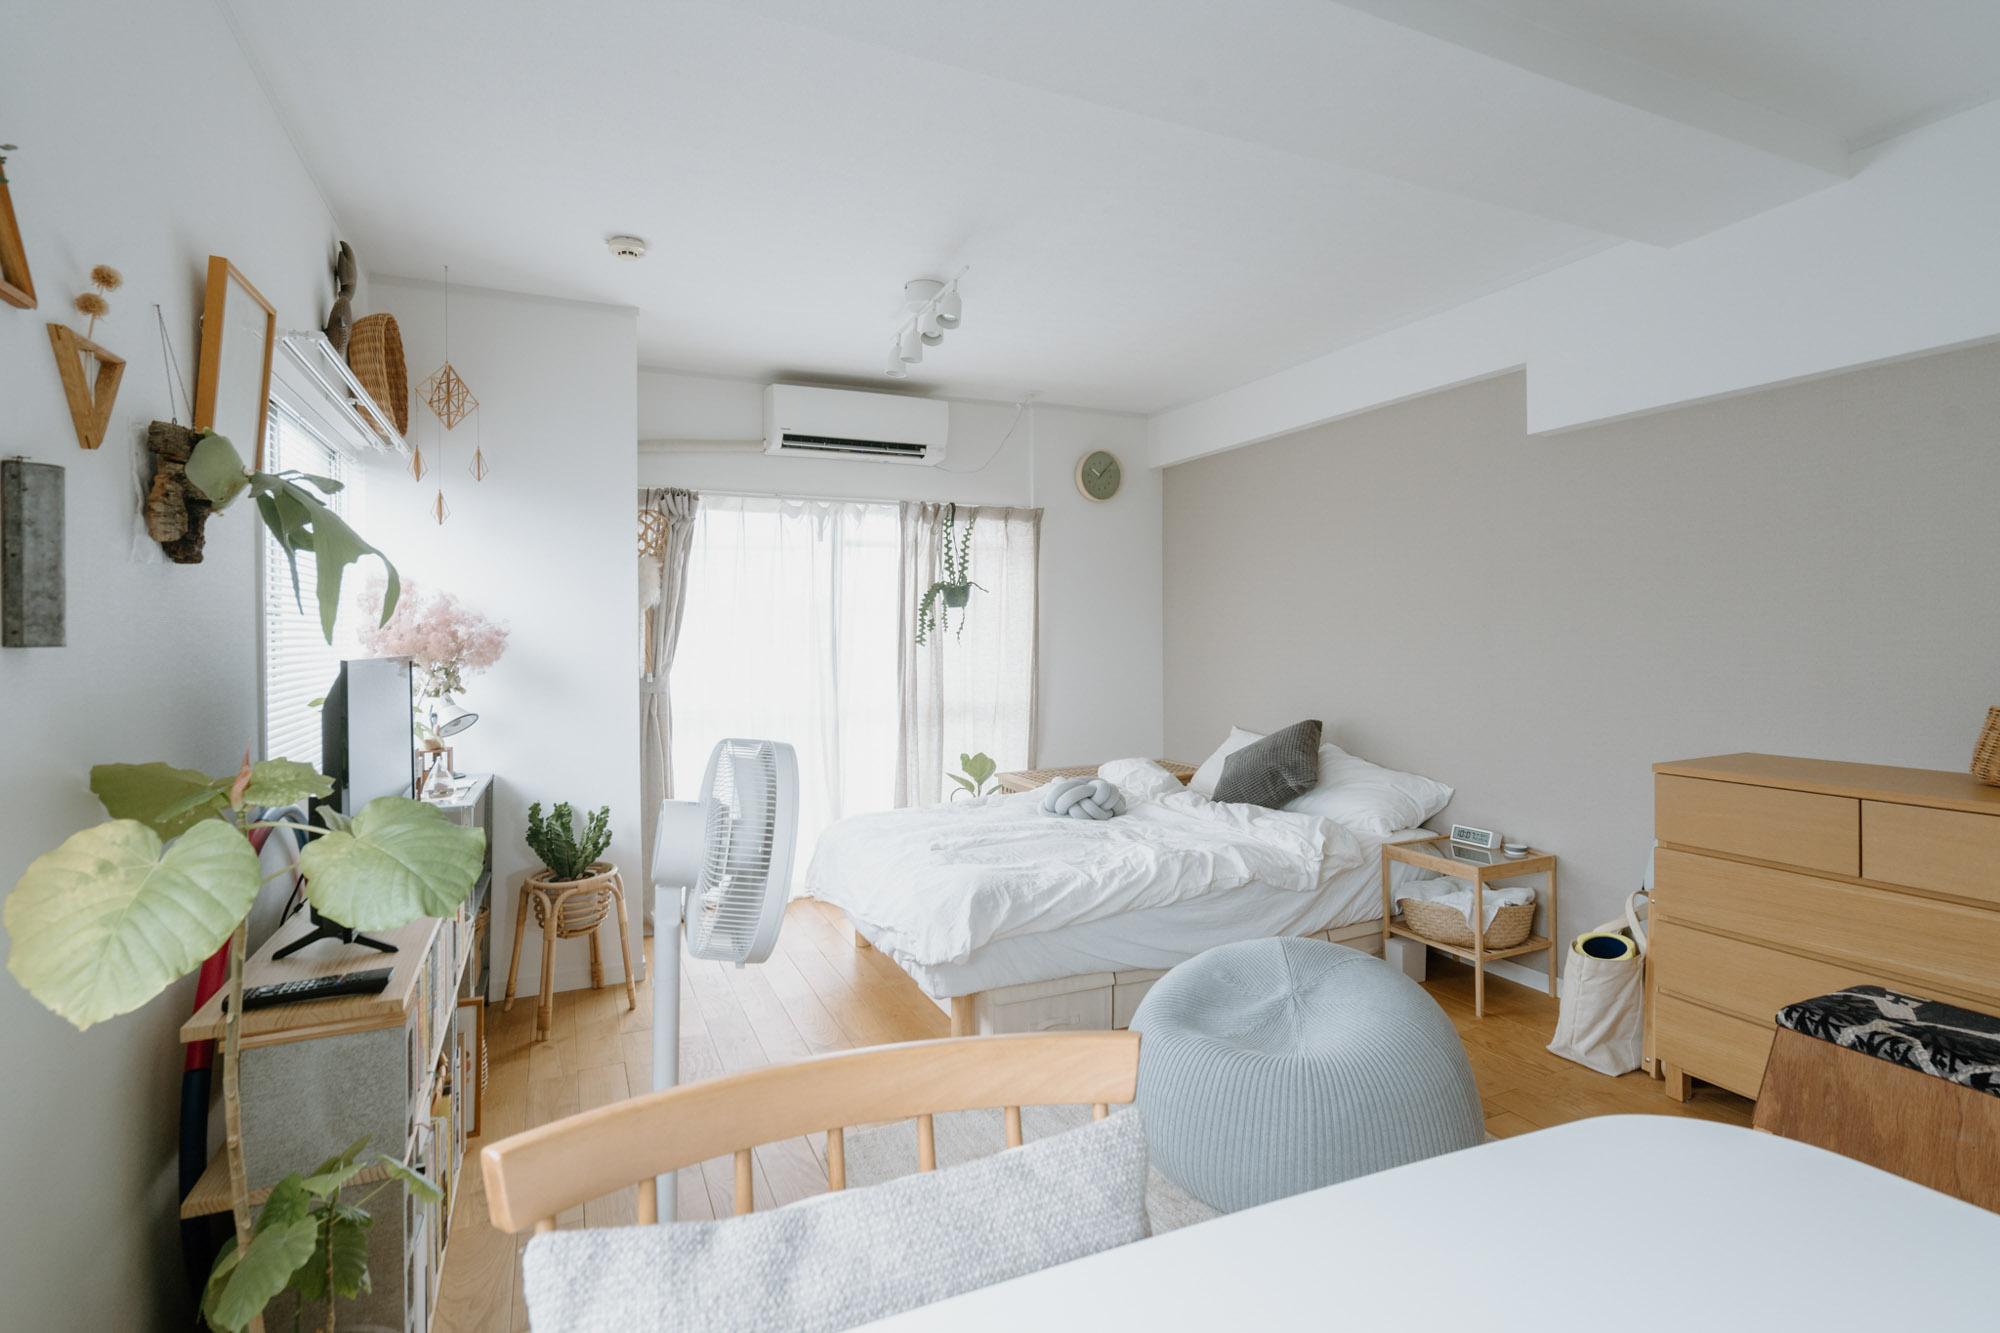 居室部分は約9畳。グレーのアクセントクロスが大人っぽい無垢フローリングのお部屋、白と木の家具でまとめて、すっきりと暮らしていらっしゃいます。